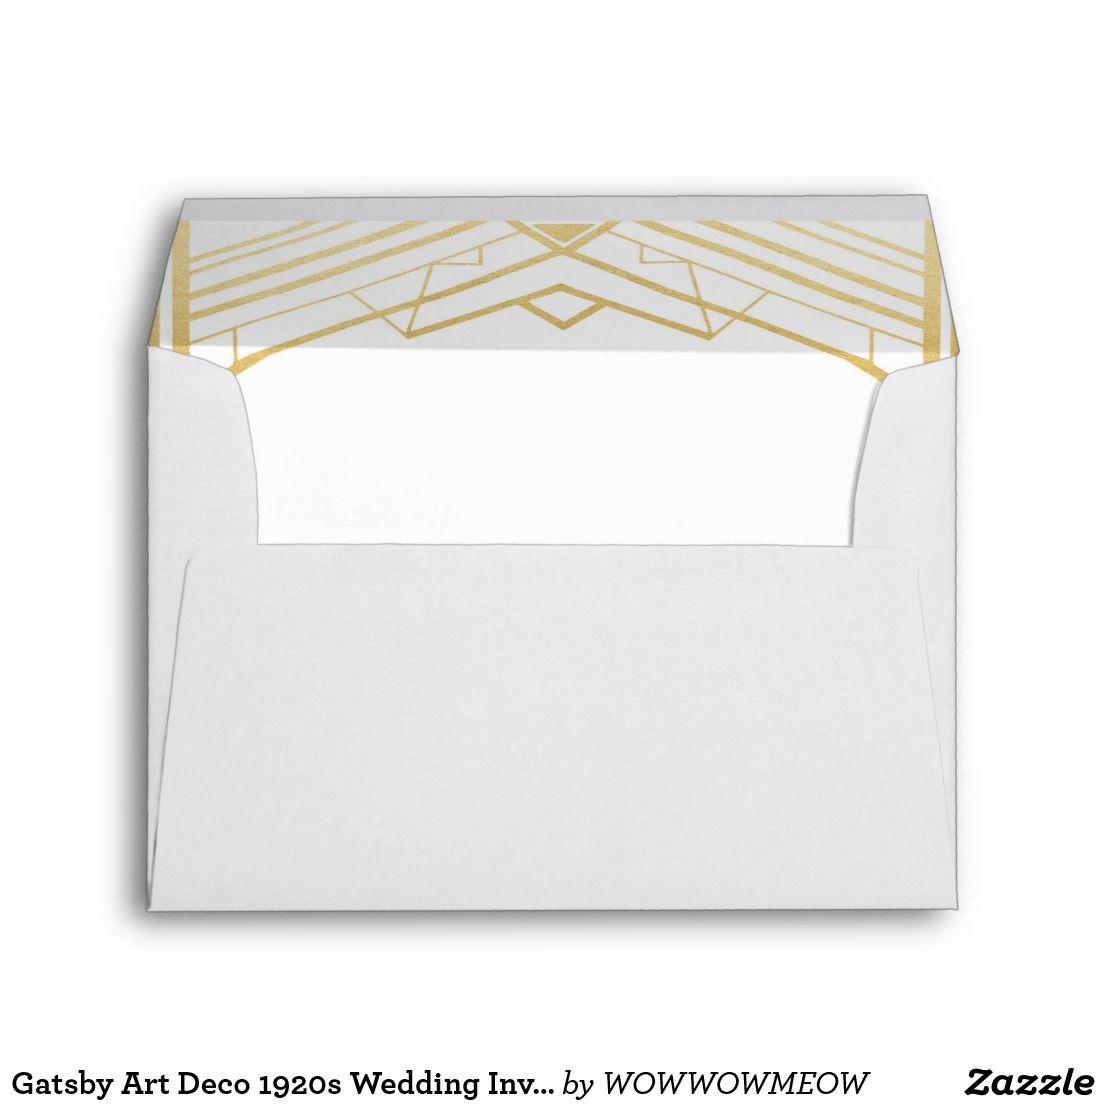 Gatsby Art Deco S Wedding Invitation Envelopes